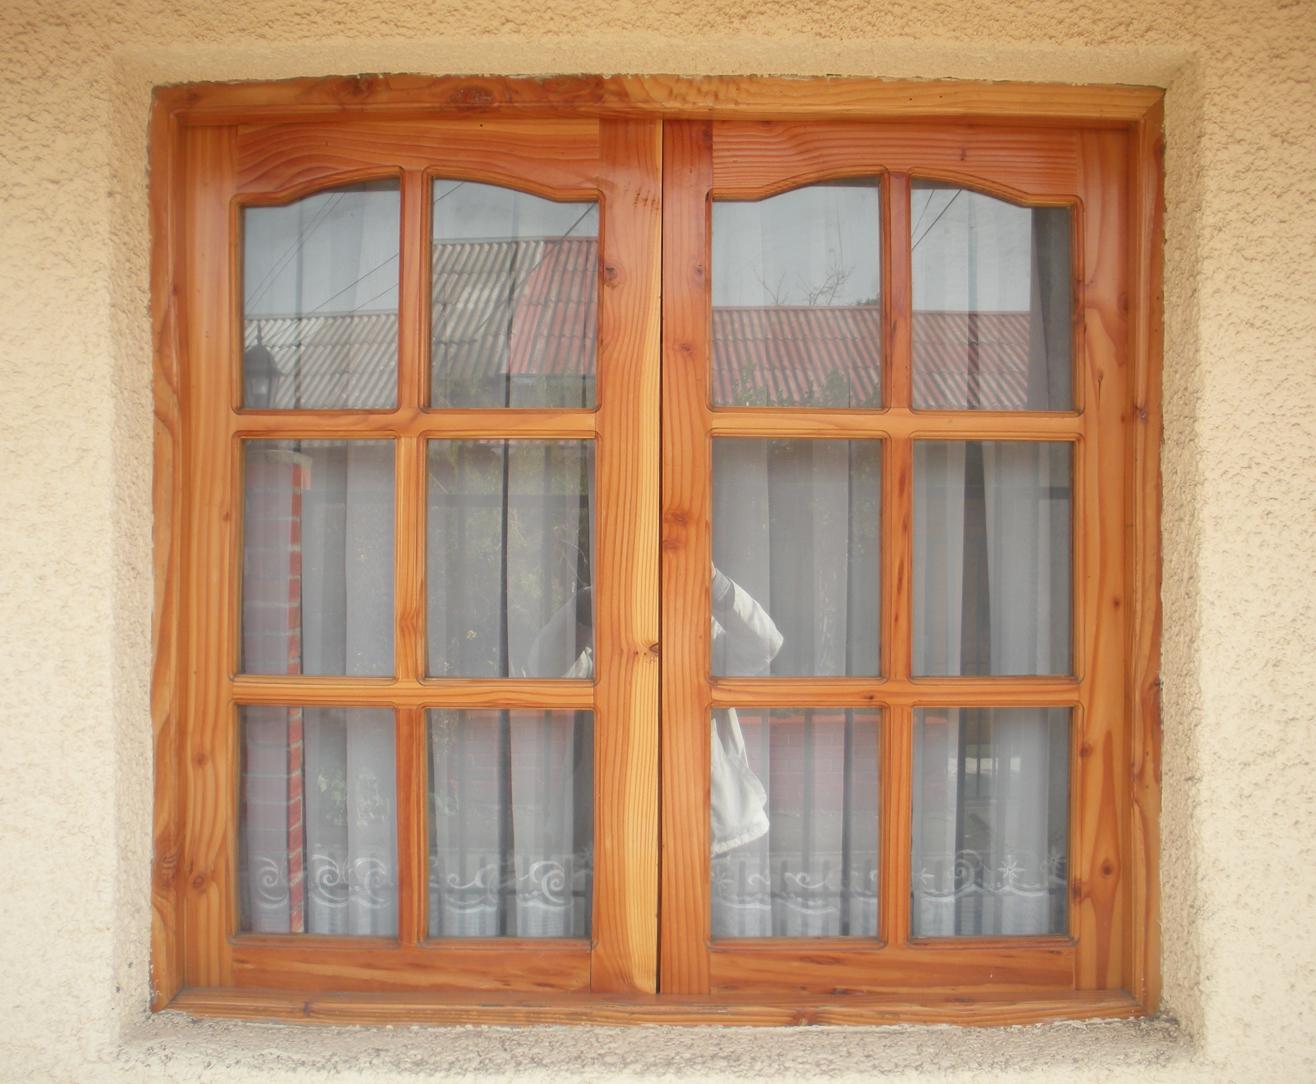 Maderas marabu ventana exterior for Pintar ventanas de madera exterior